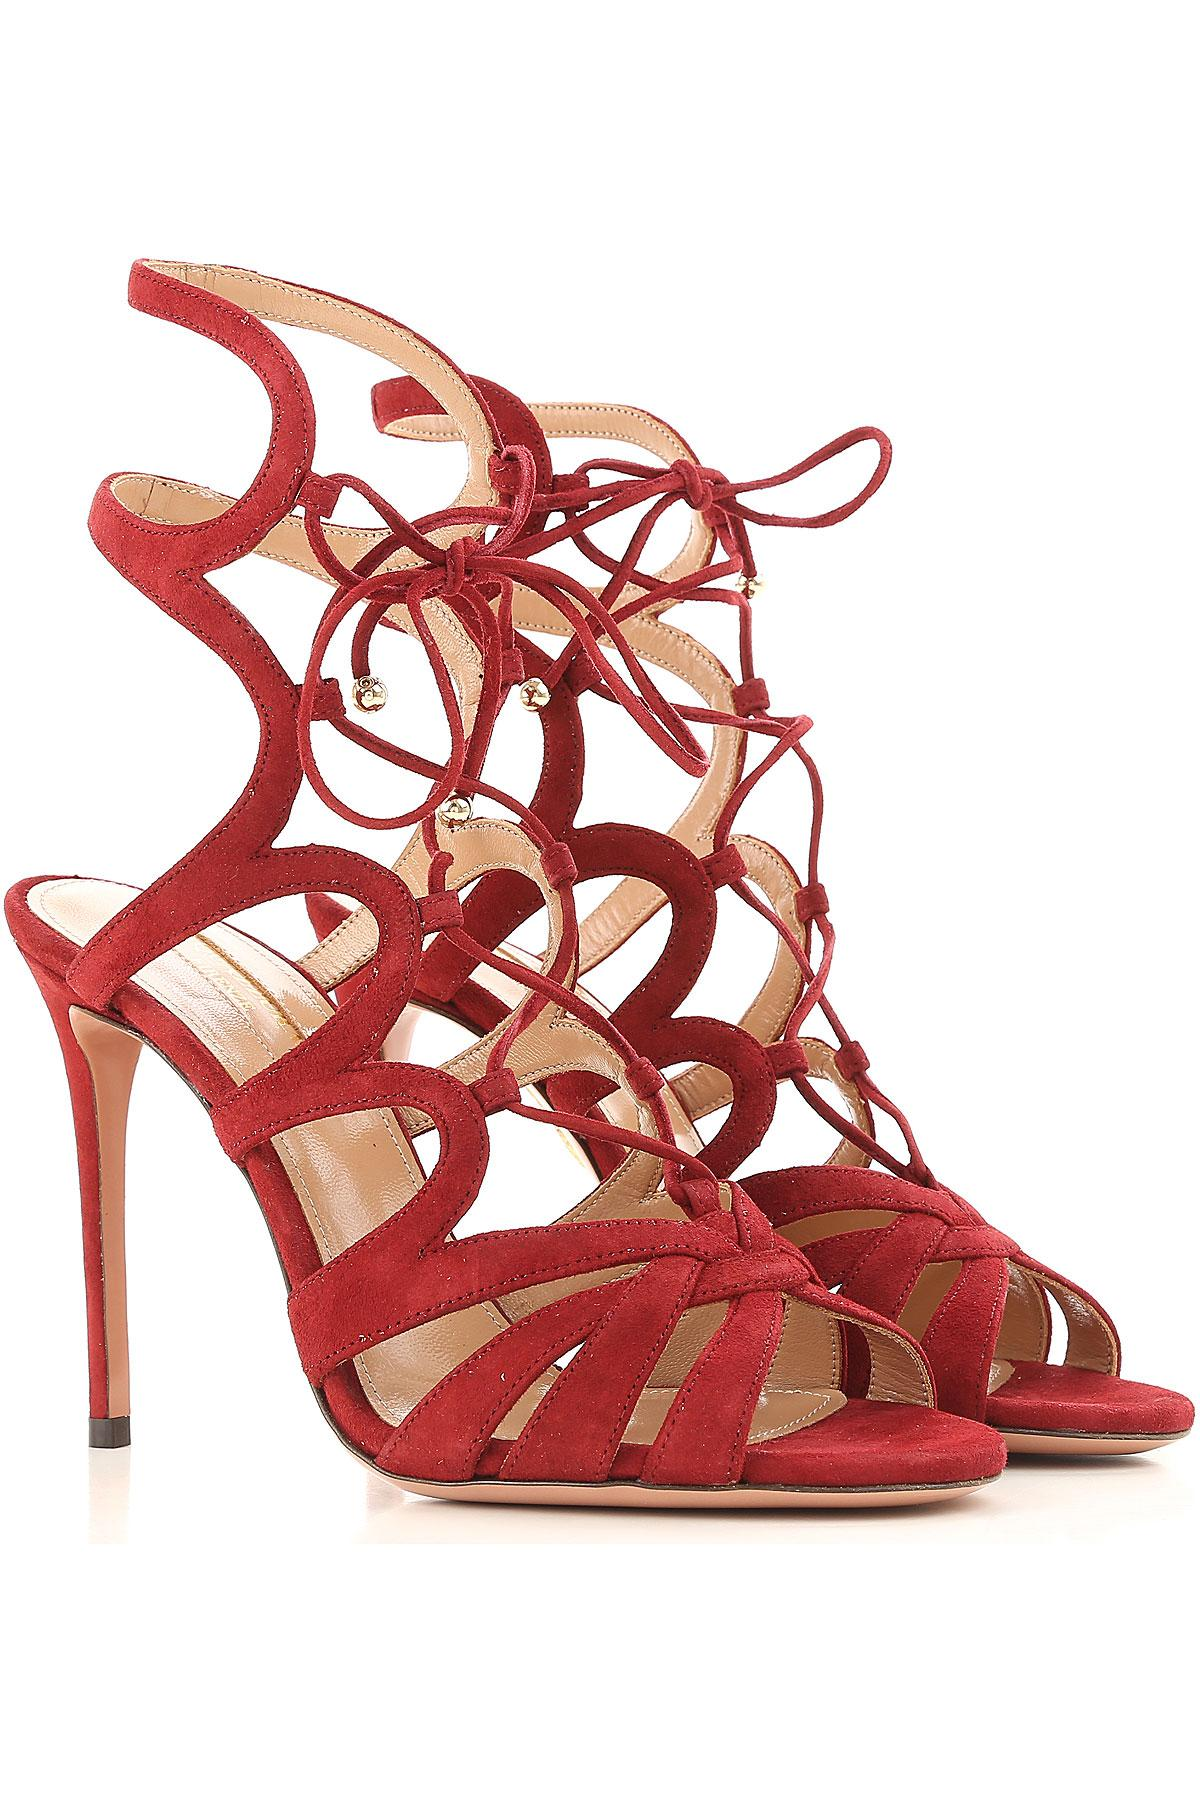 c31e991d60e76f Sandale Femme Aquazzura en coloris Rouge - 6 % de réduction - Lyst